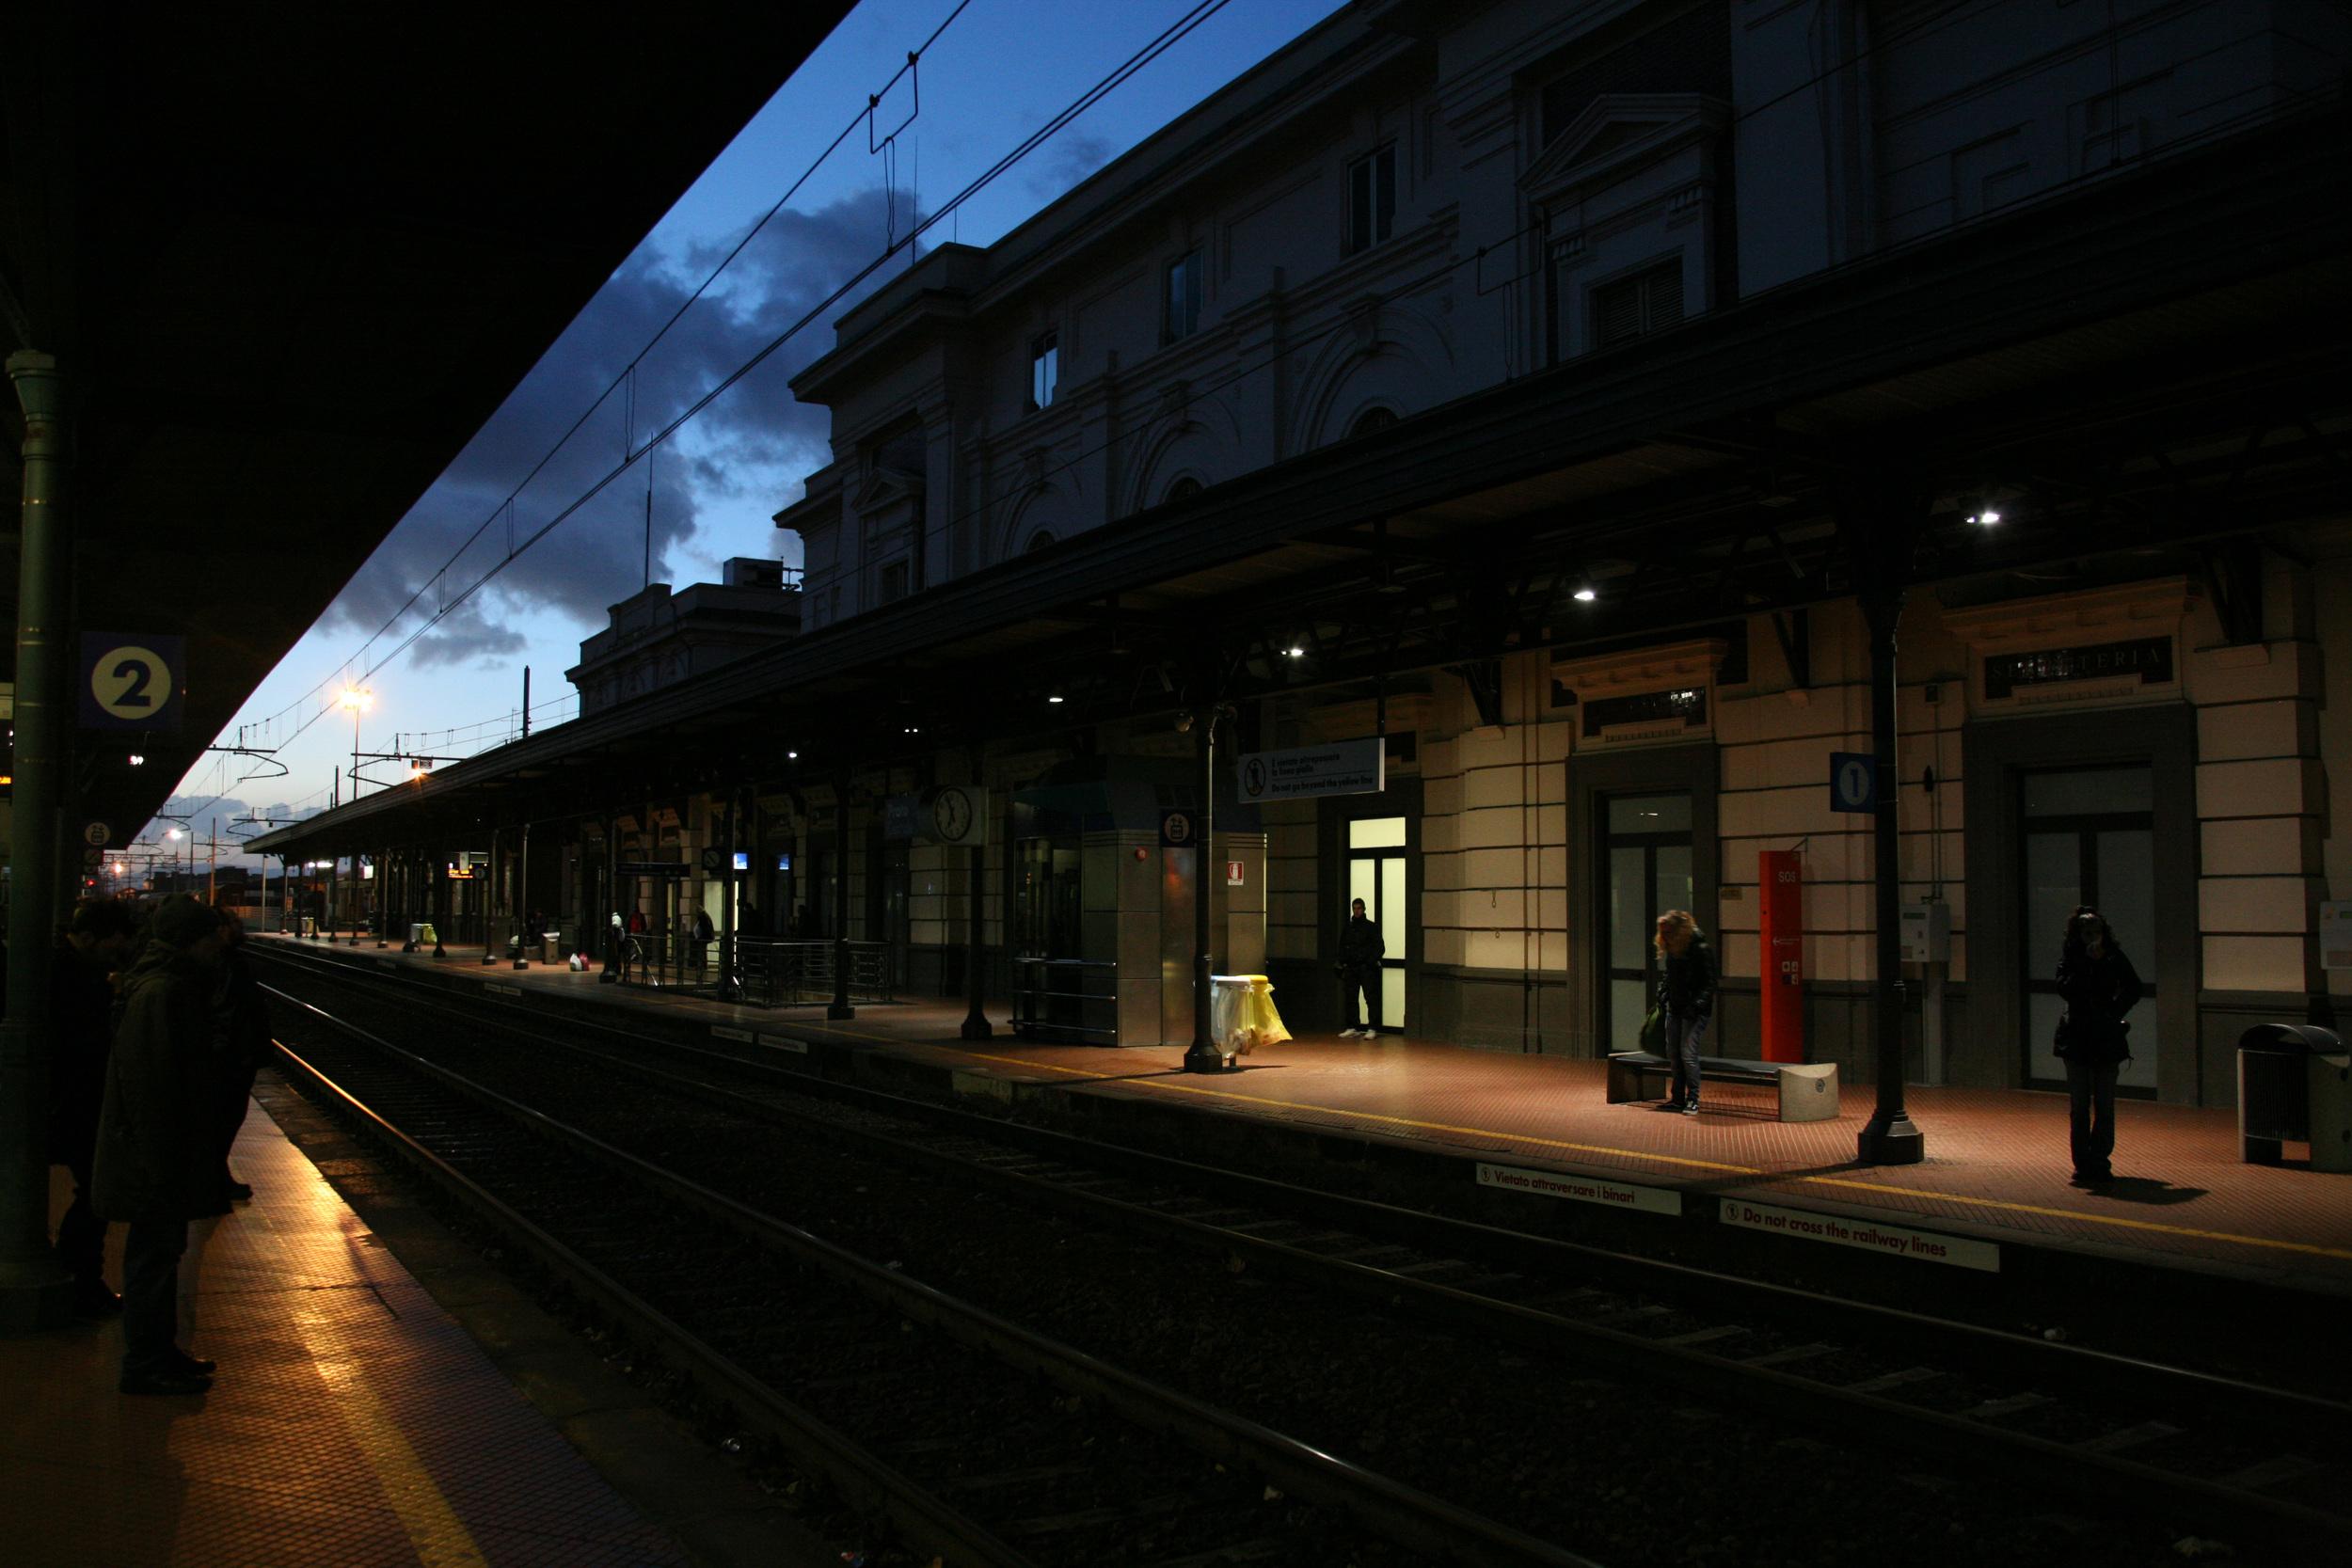 Stazione di Prato Centrale, Prato, Tuscany, Italy, 2009